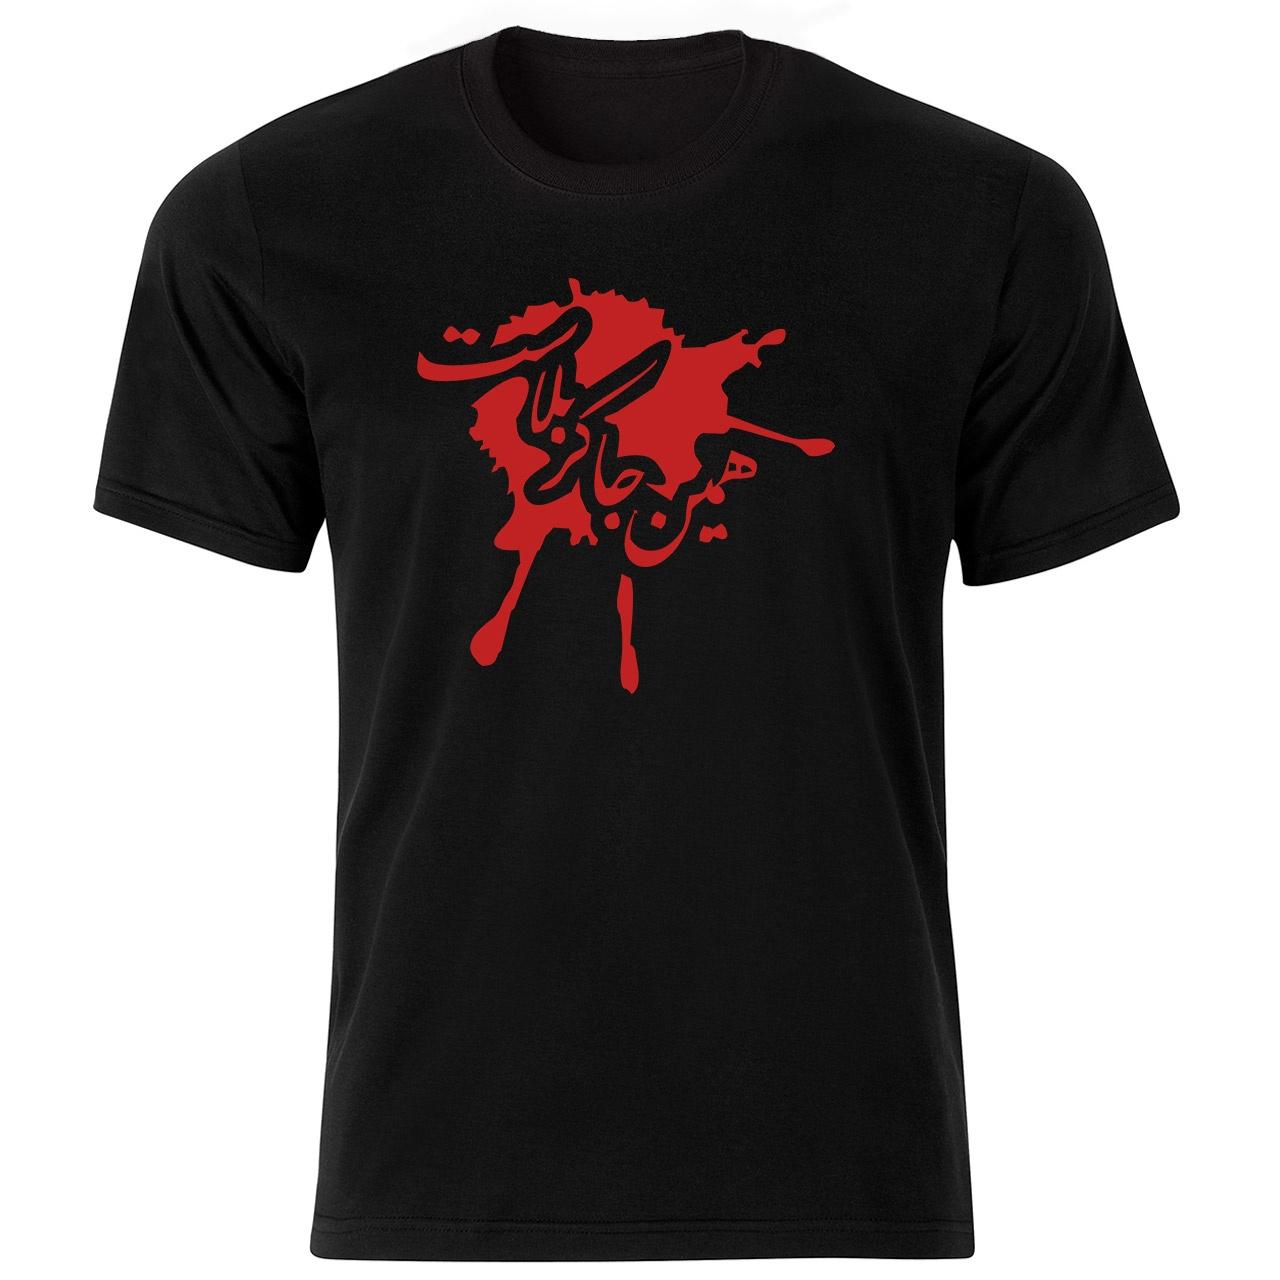 تی شرت مردانه طرح محرم کد BR6871